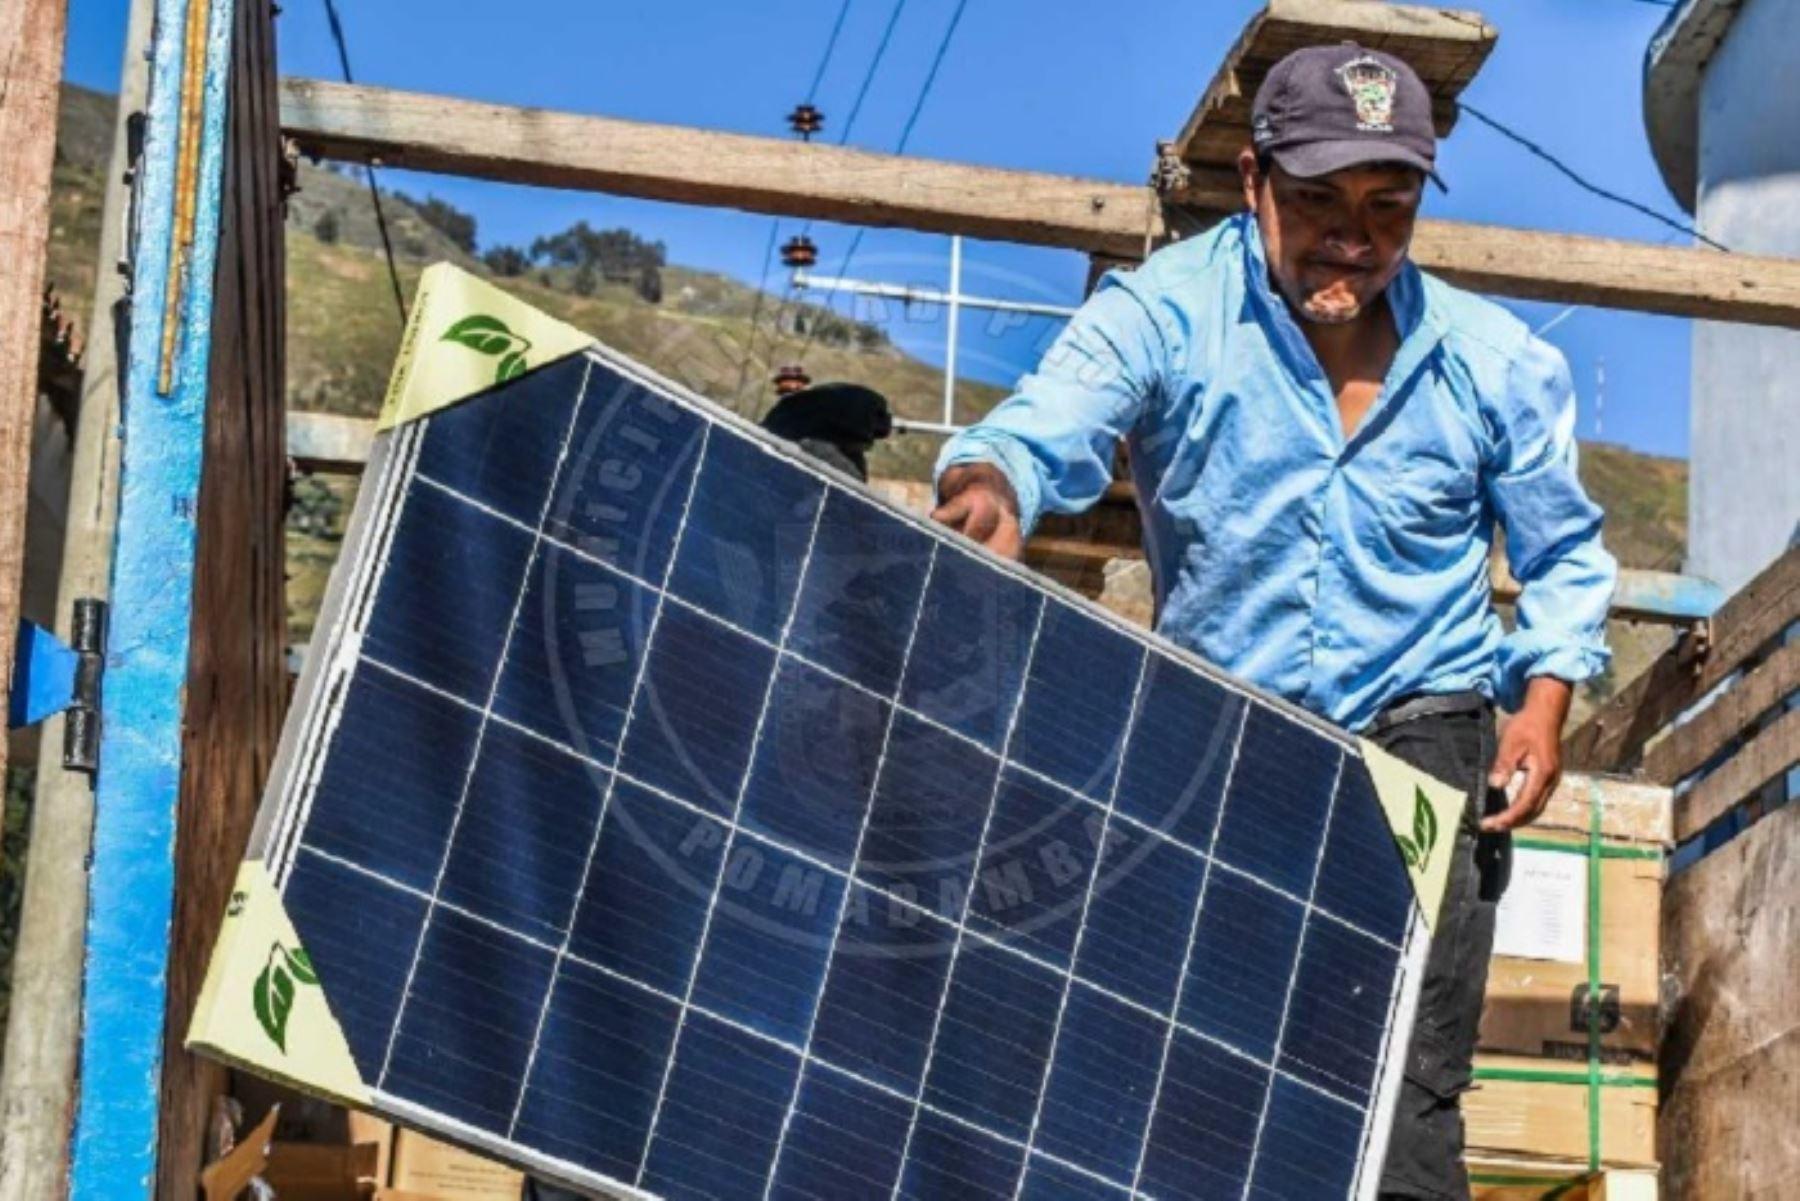 A través de paneles solares, aproximadamente 200 familias de comunidades campesinas de la provincia de Pomabamba, en la región Áncash, se beneficiarán con energía eléctrica, servicio del cual carecen actualmente.